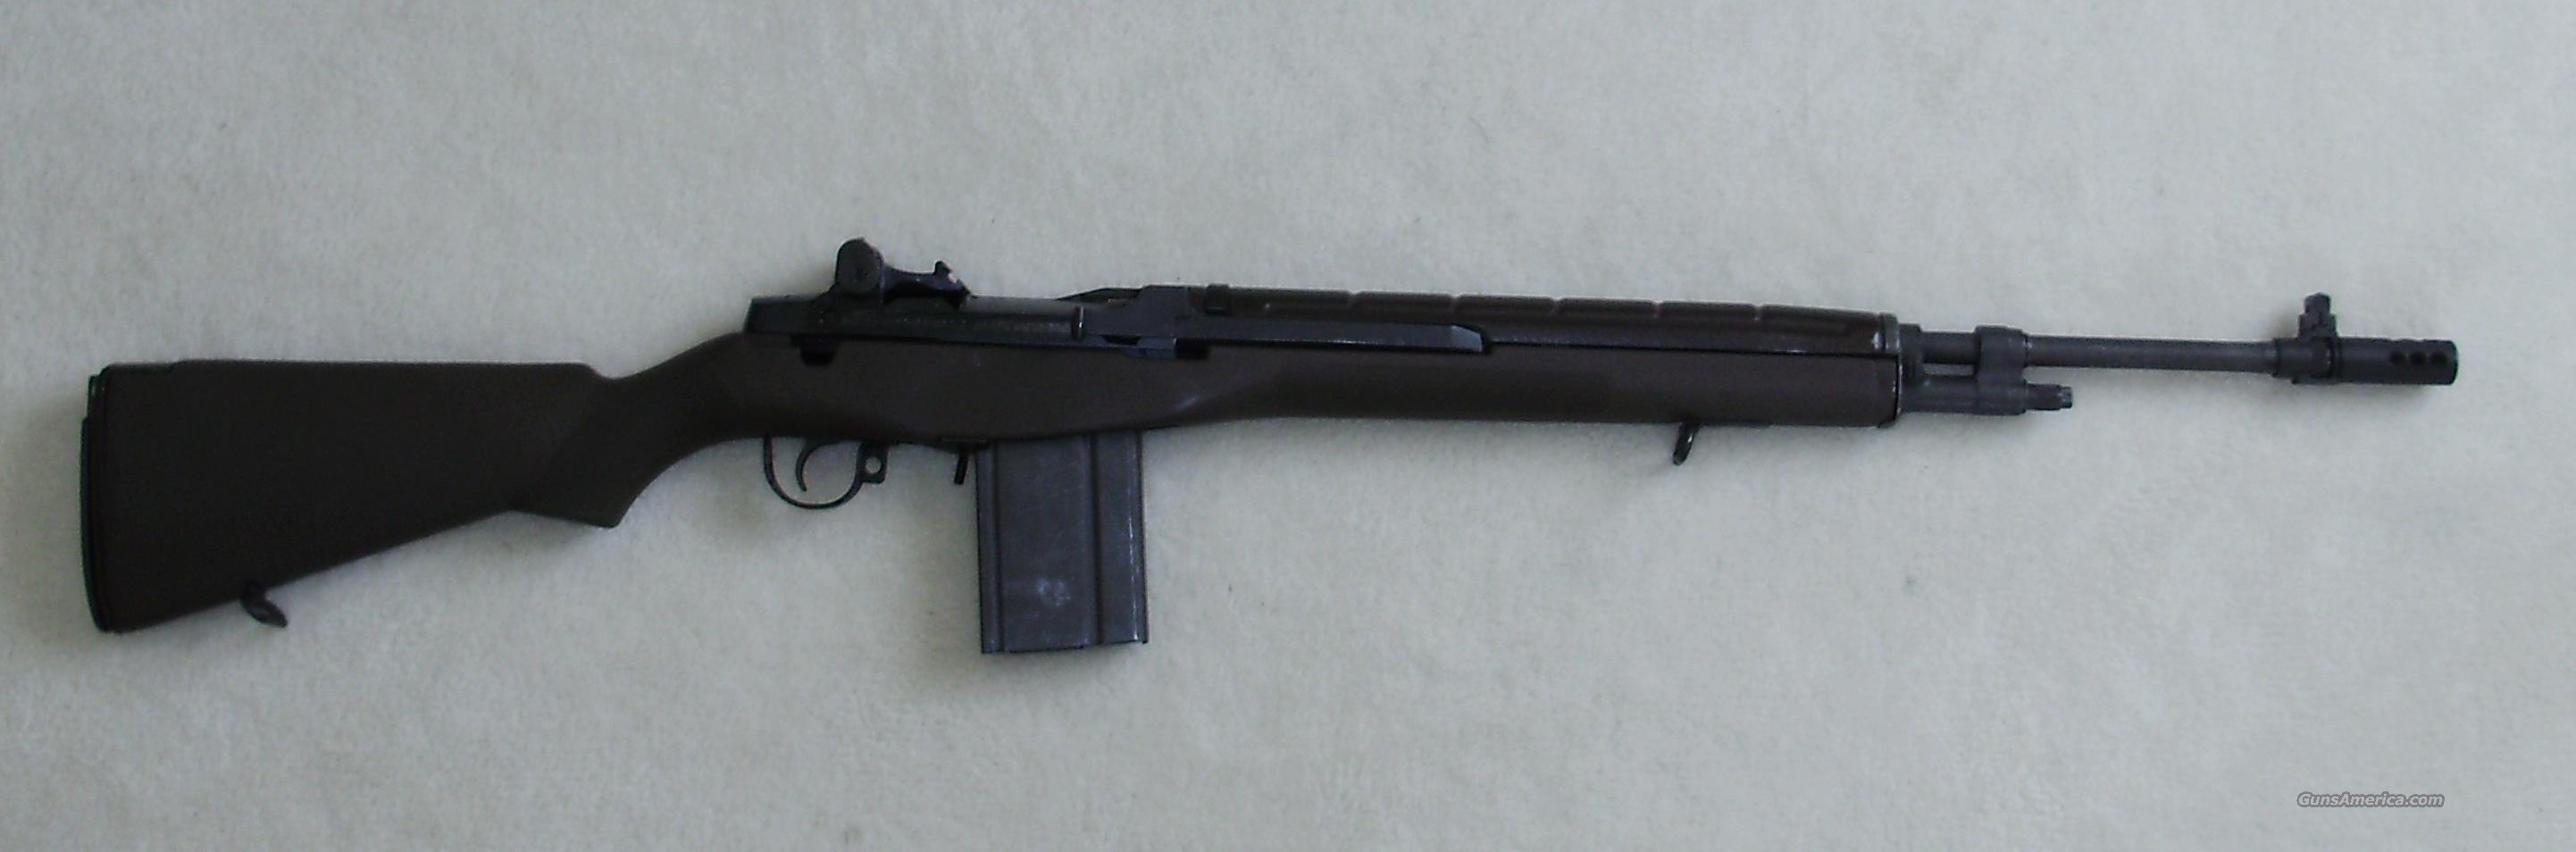 River City Auto Sales >> M1A M14 GI replica for sale